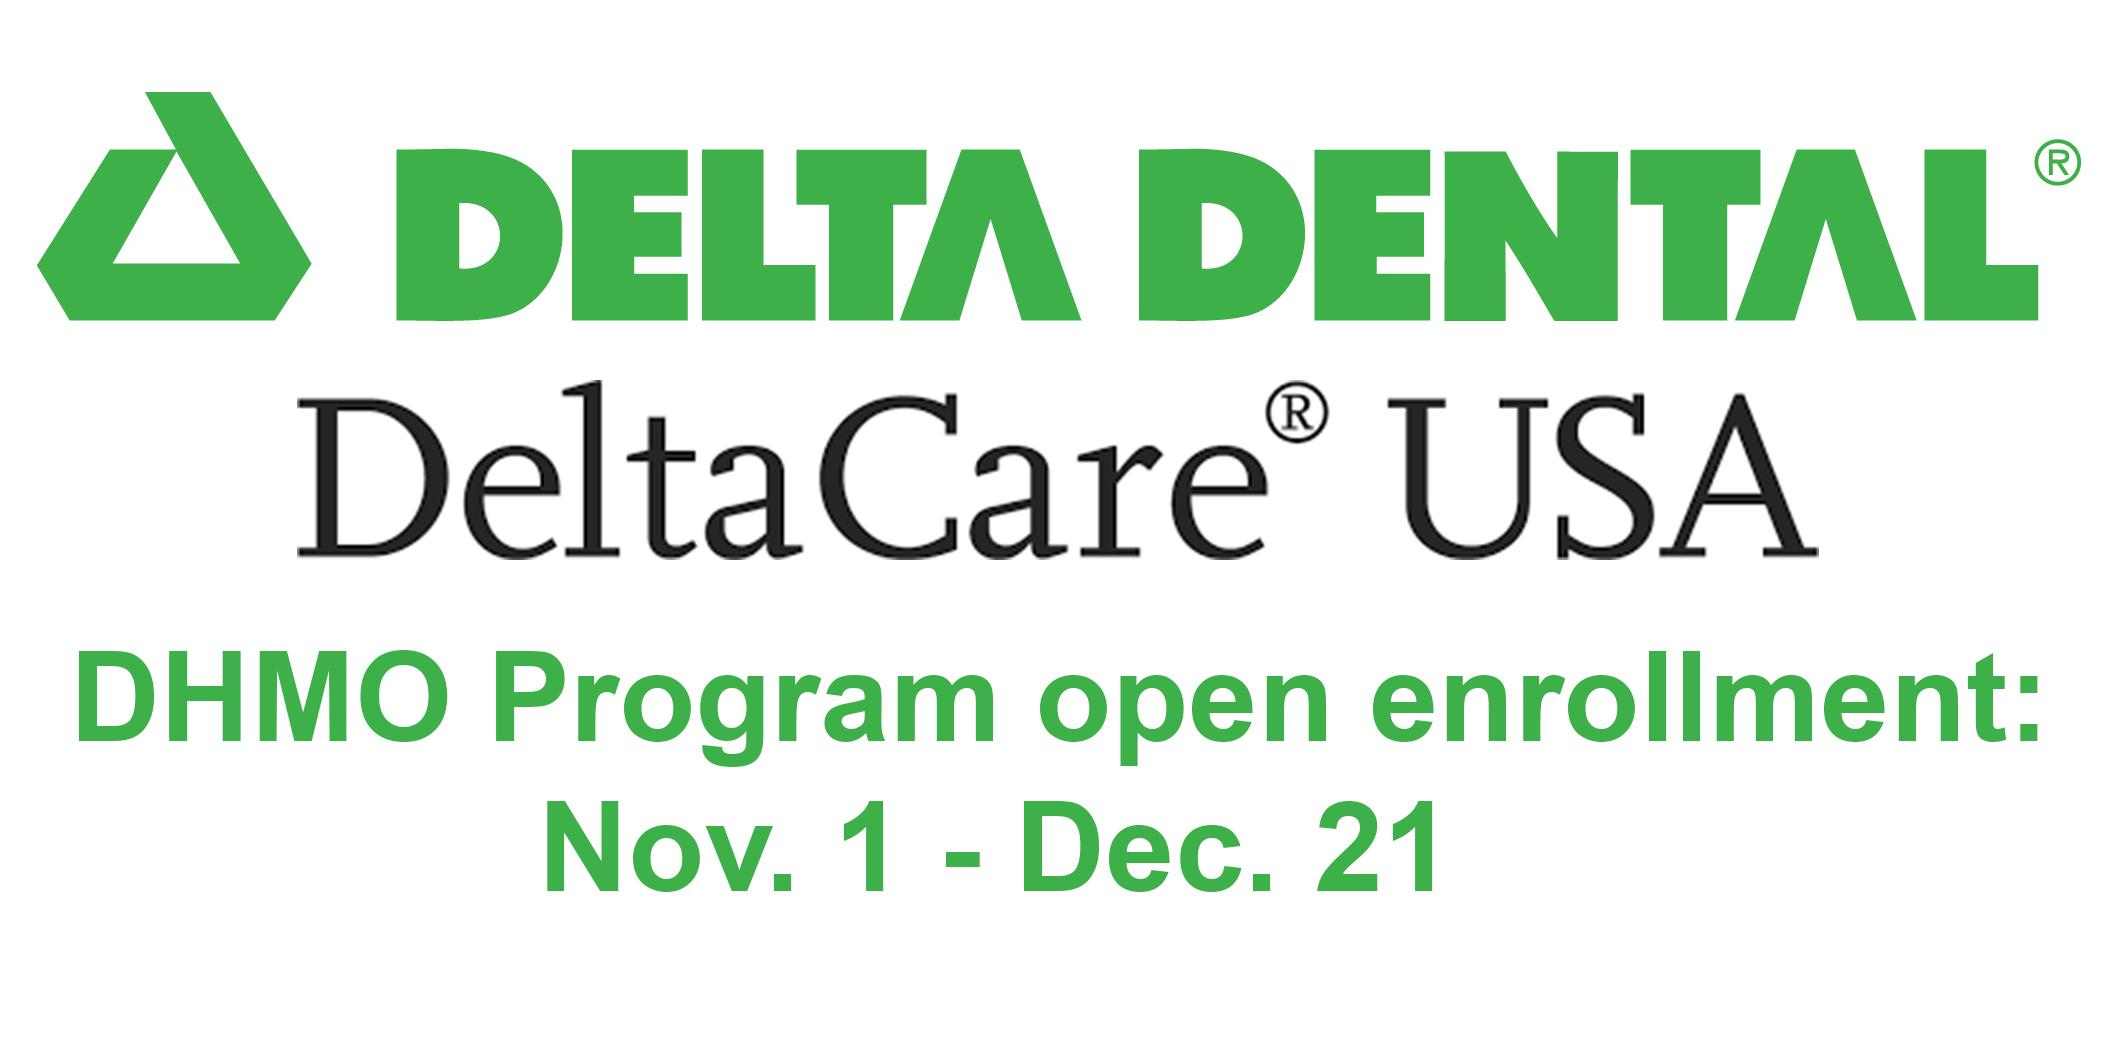 DeltaCare USA DMHO Program open enrollment on now